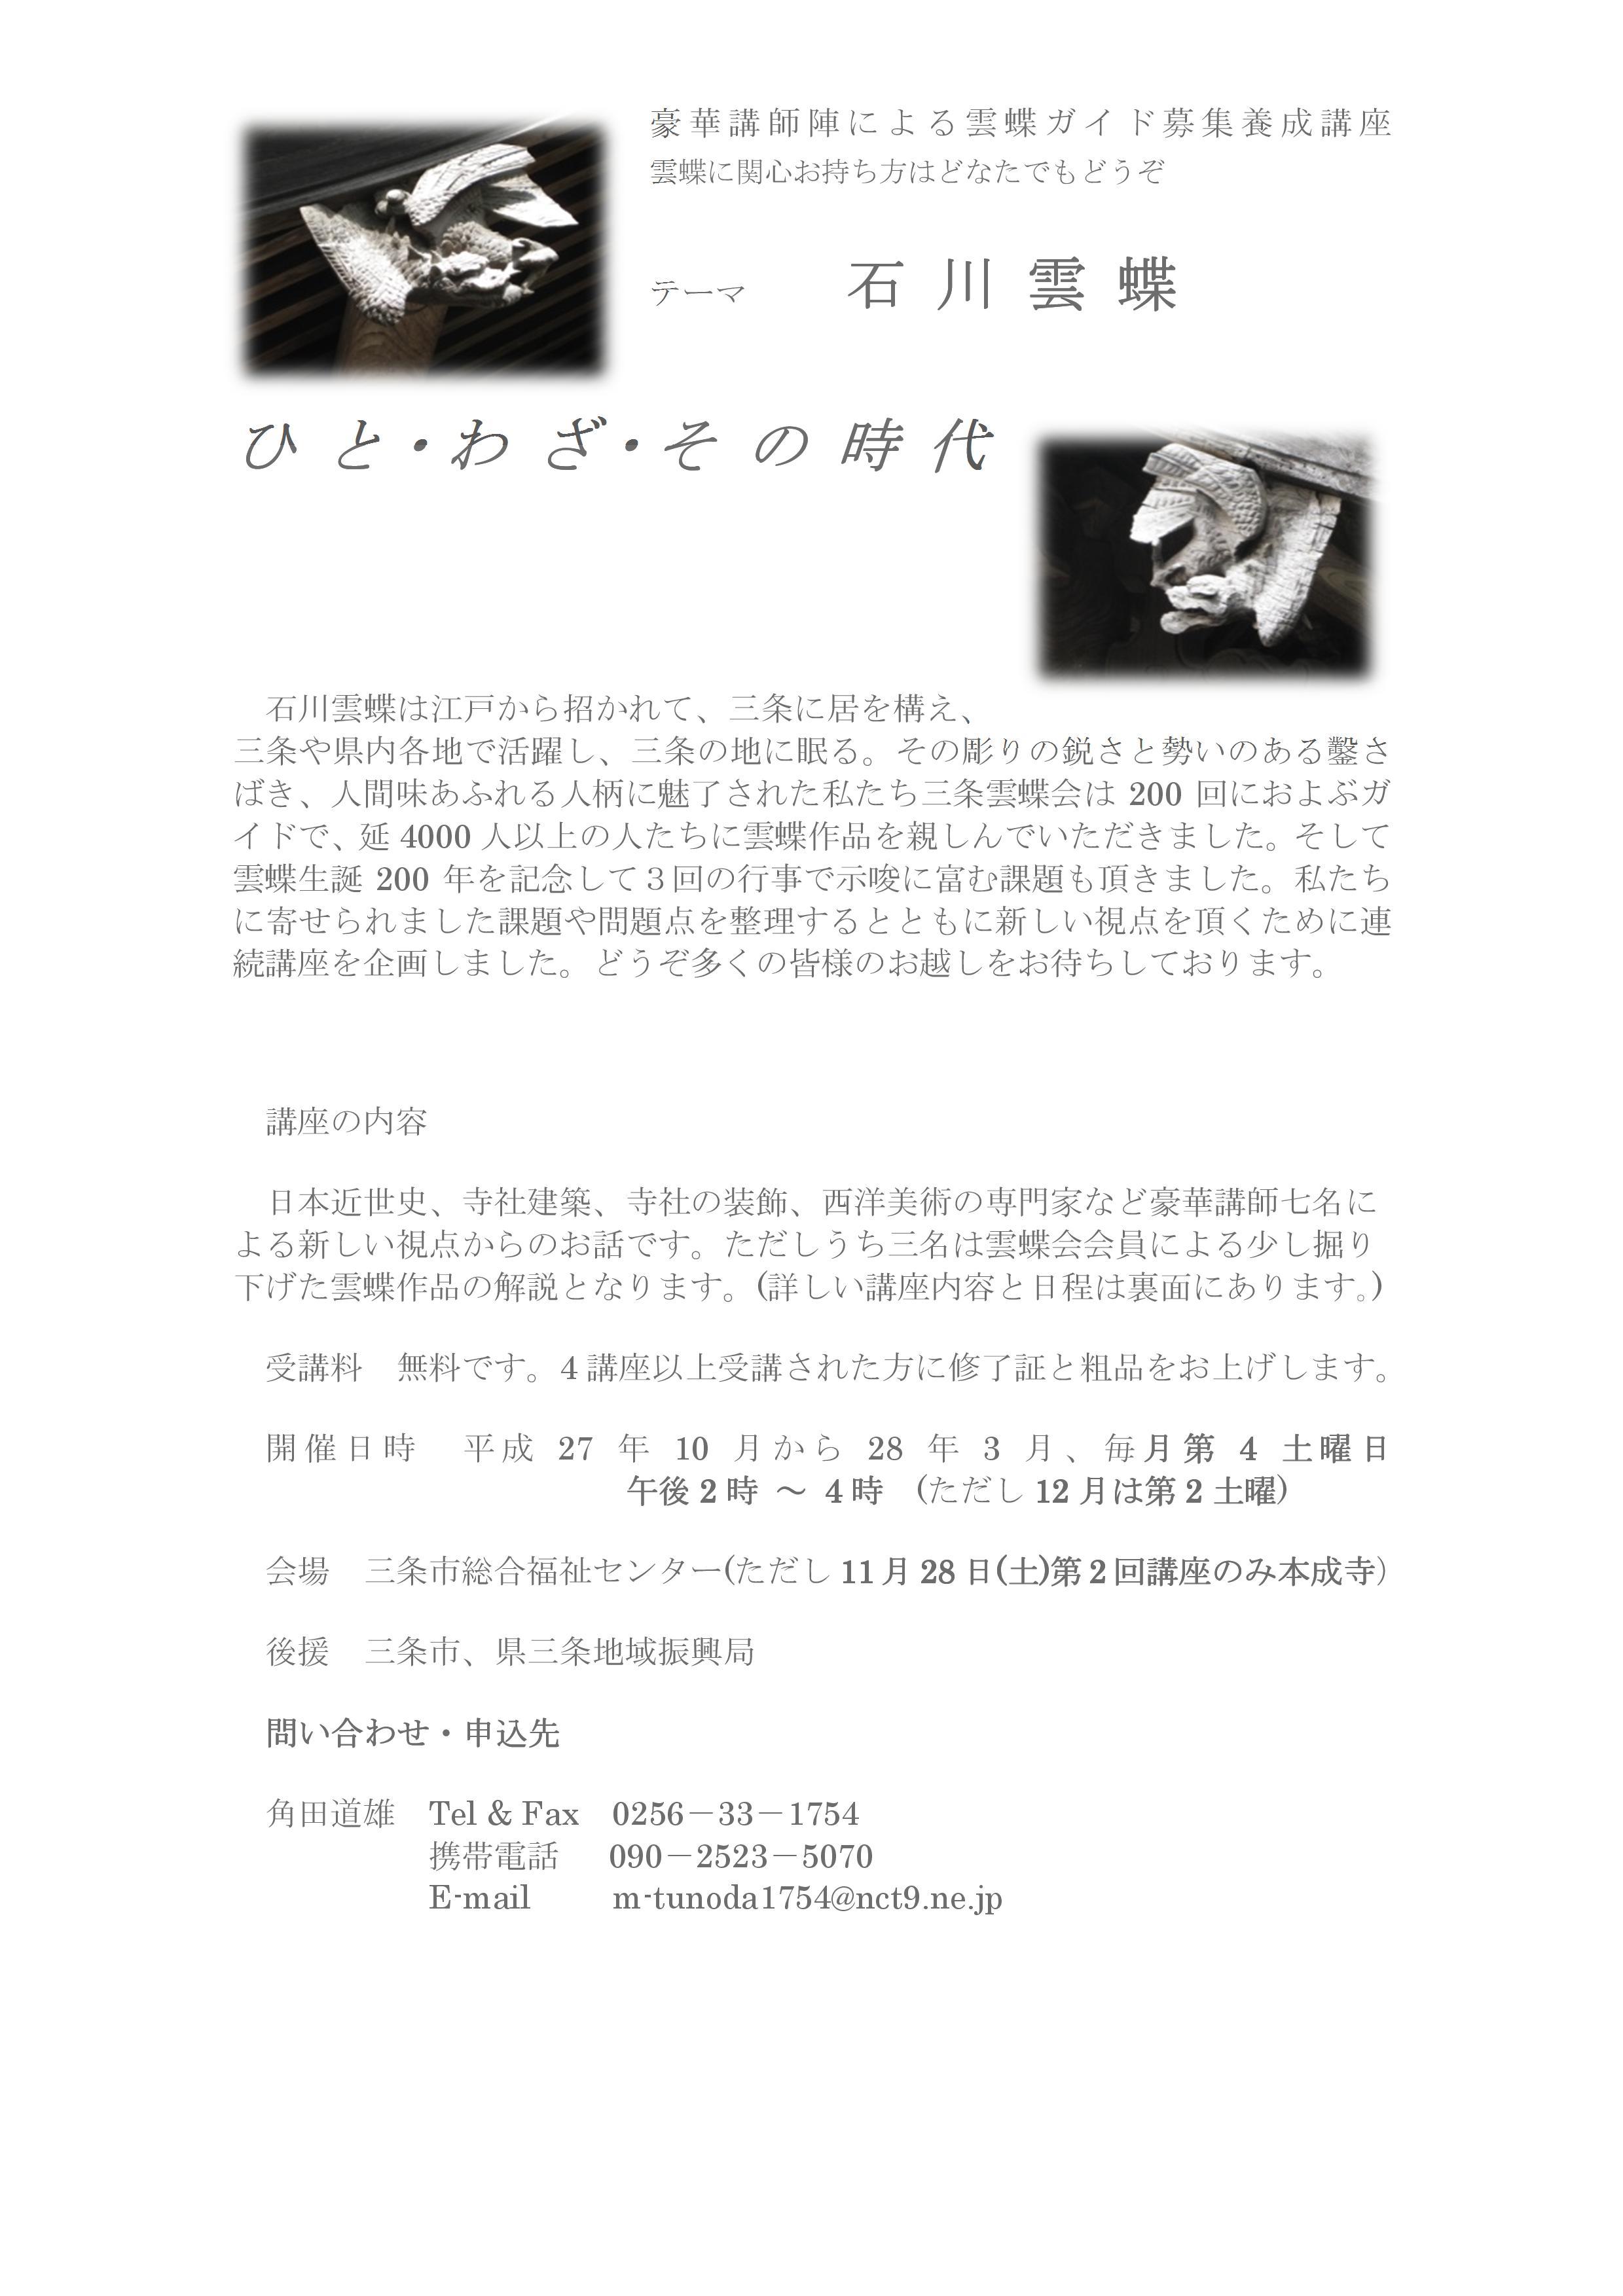 雲蝶連続講座-001